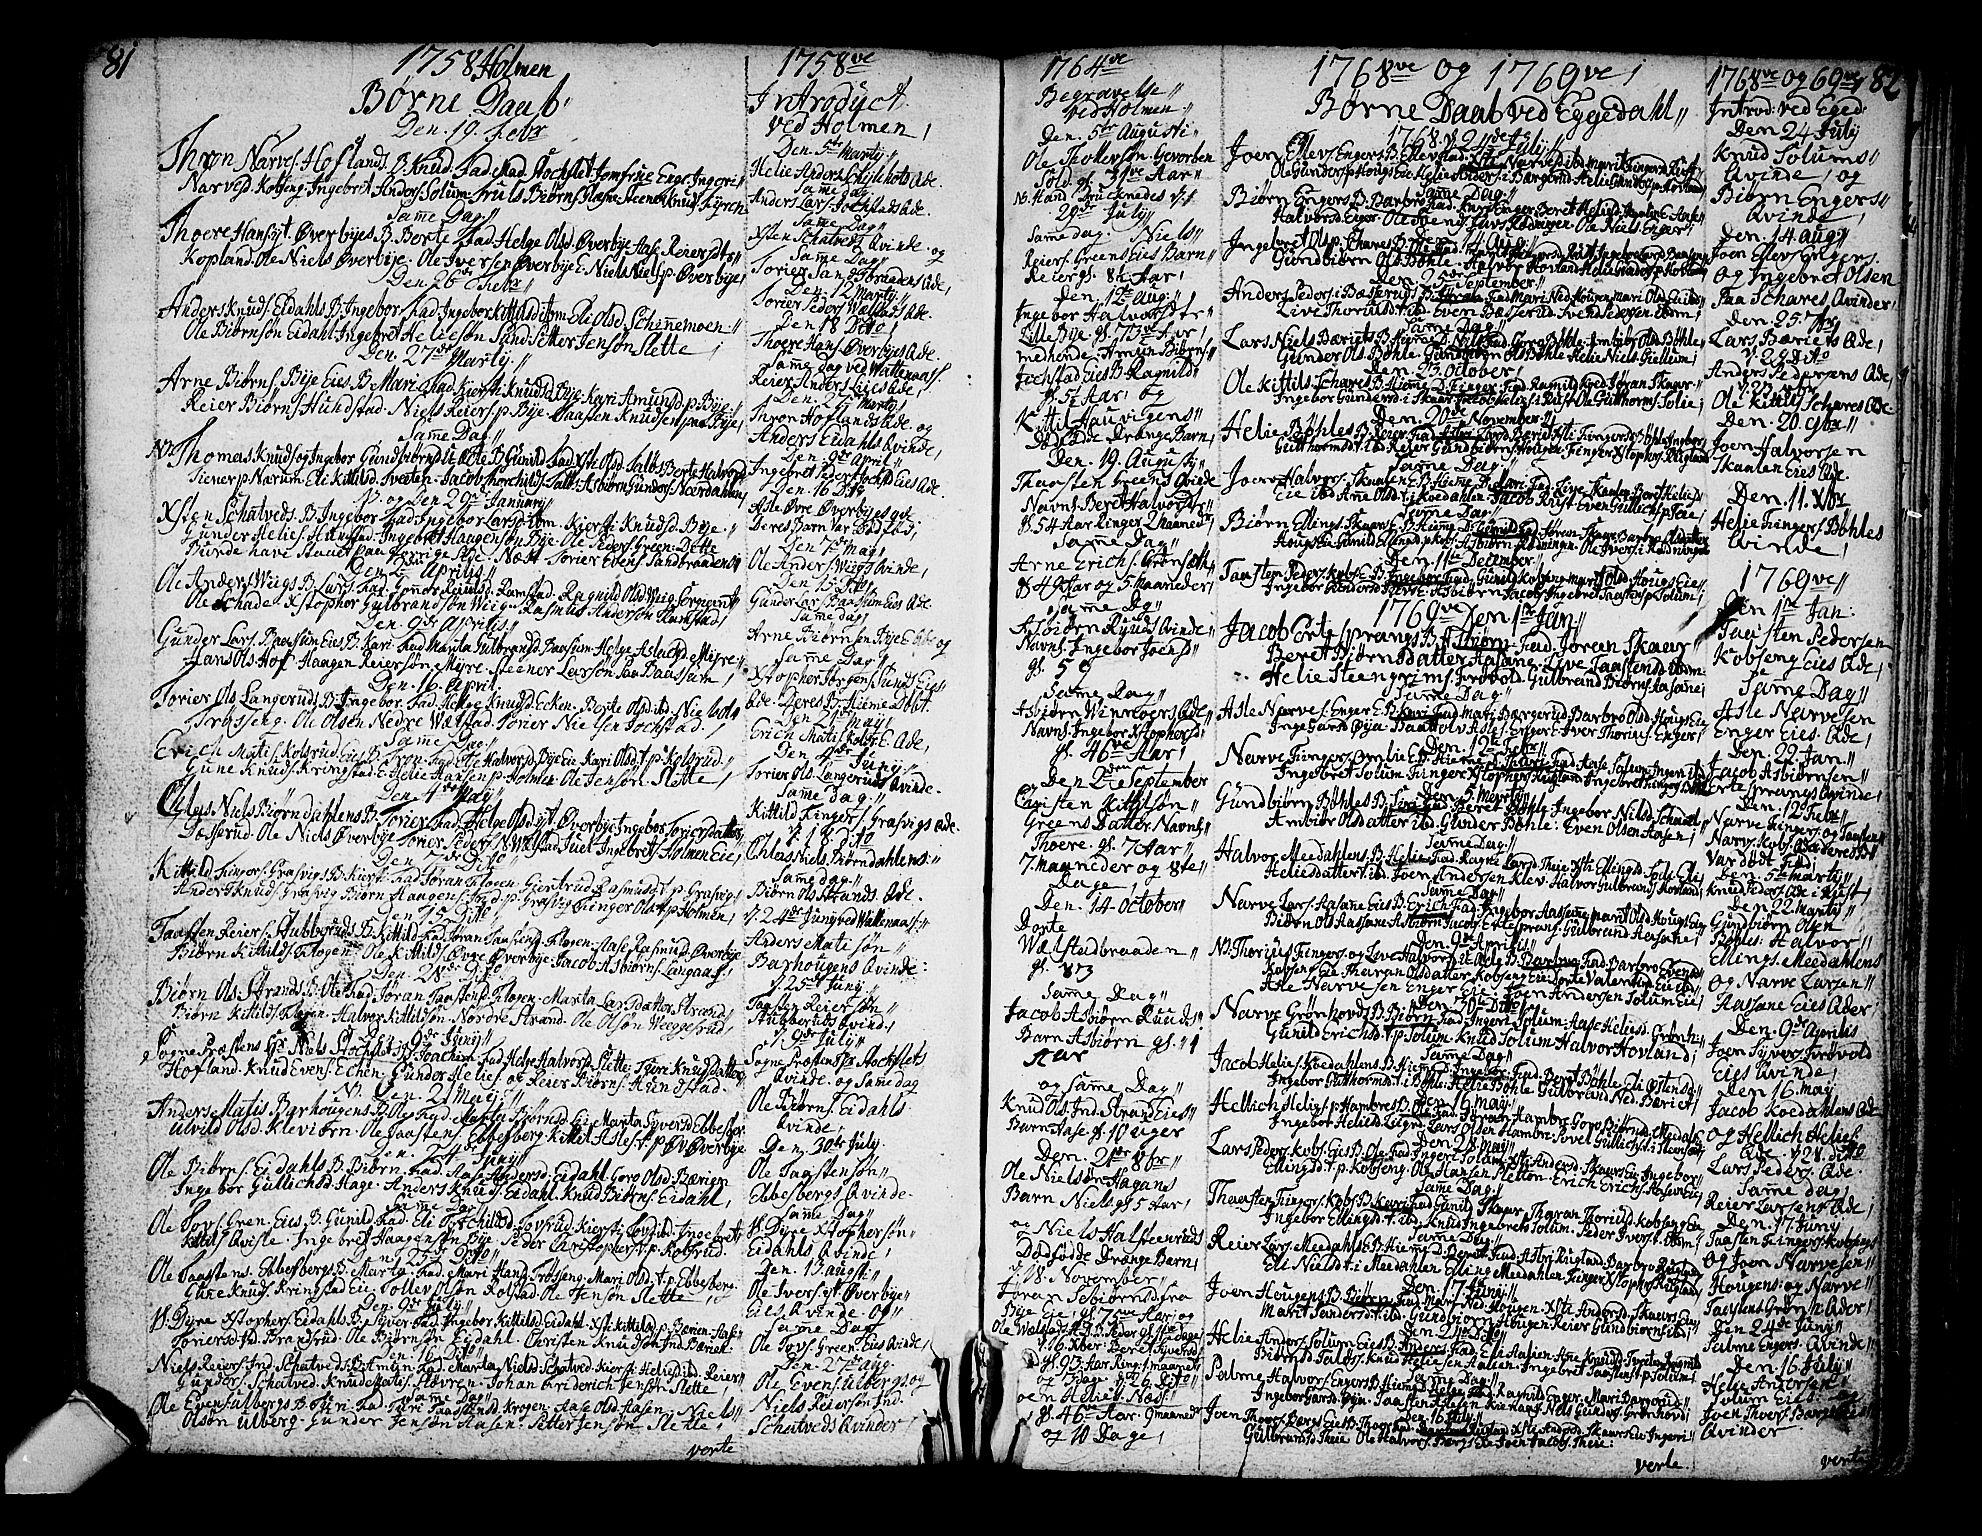 SAKO, Sigdal kirkebøker, F/Fa/L0001: Ministerialbok nr. I 1, 1722-1777, s. 81-82